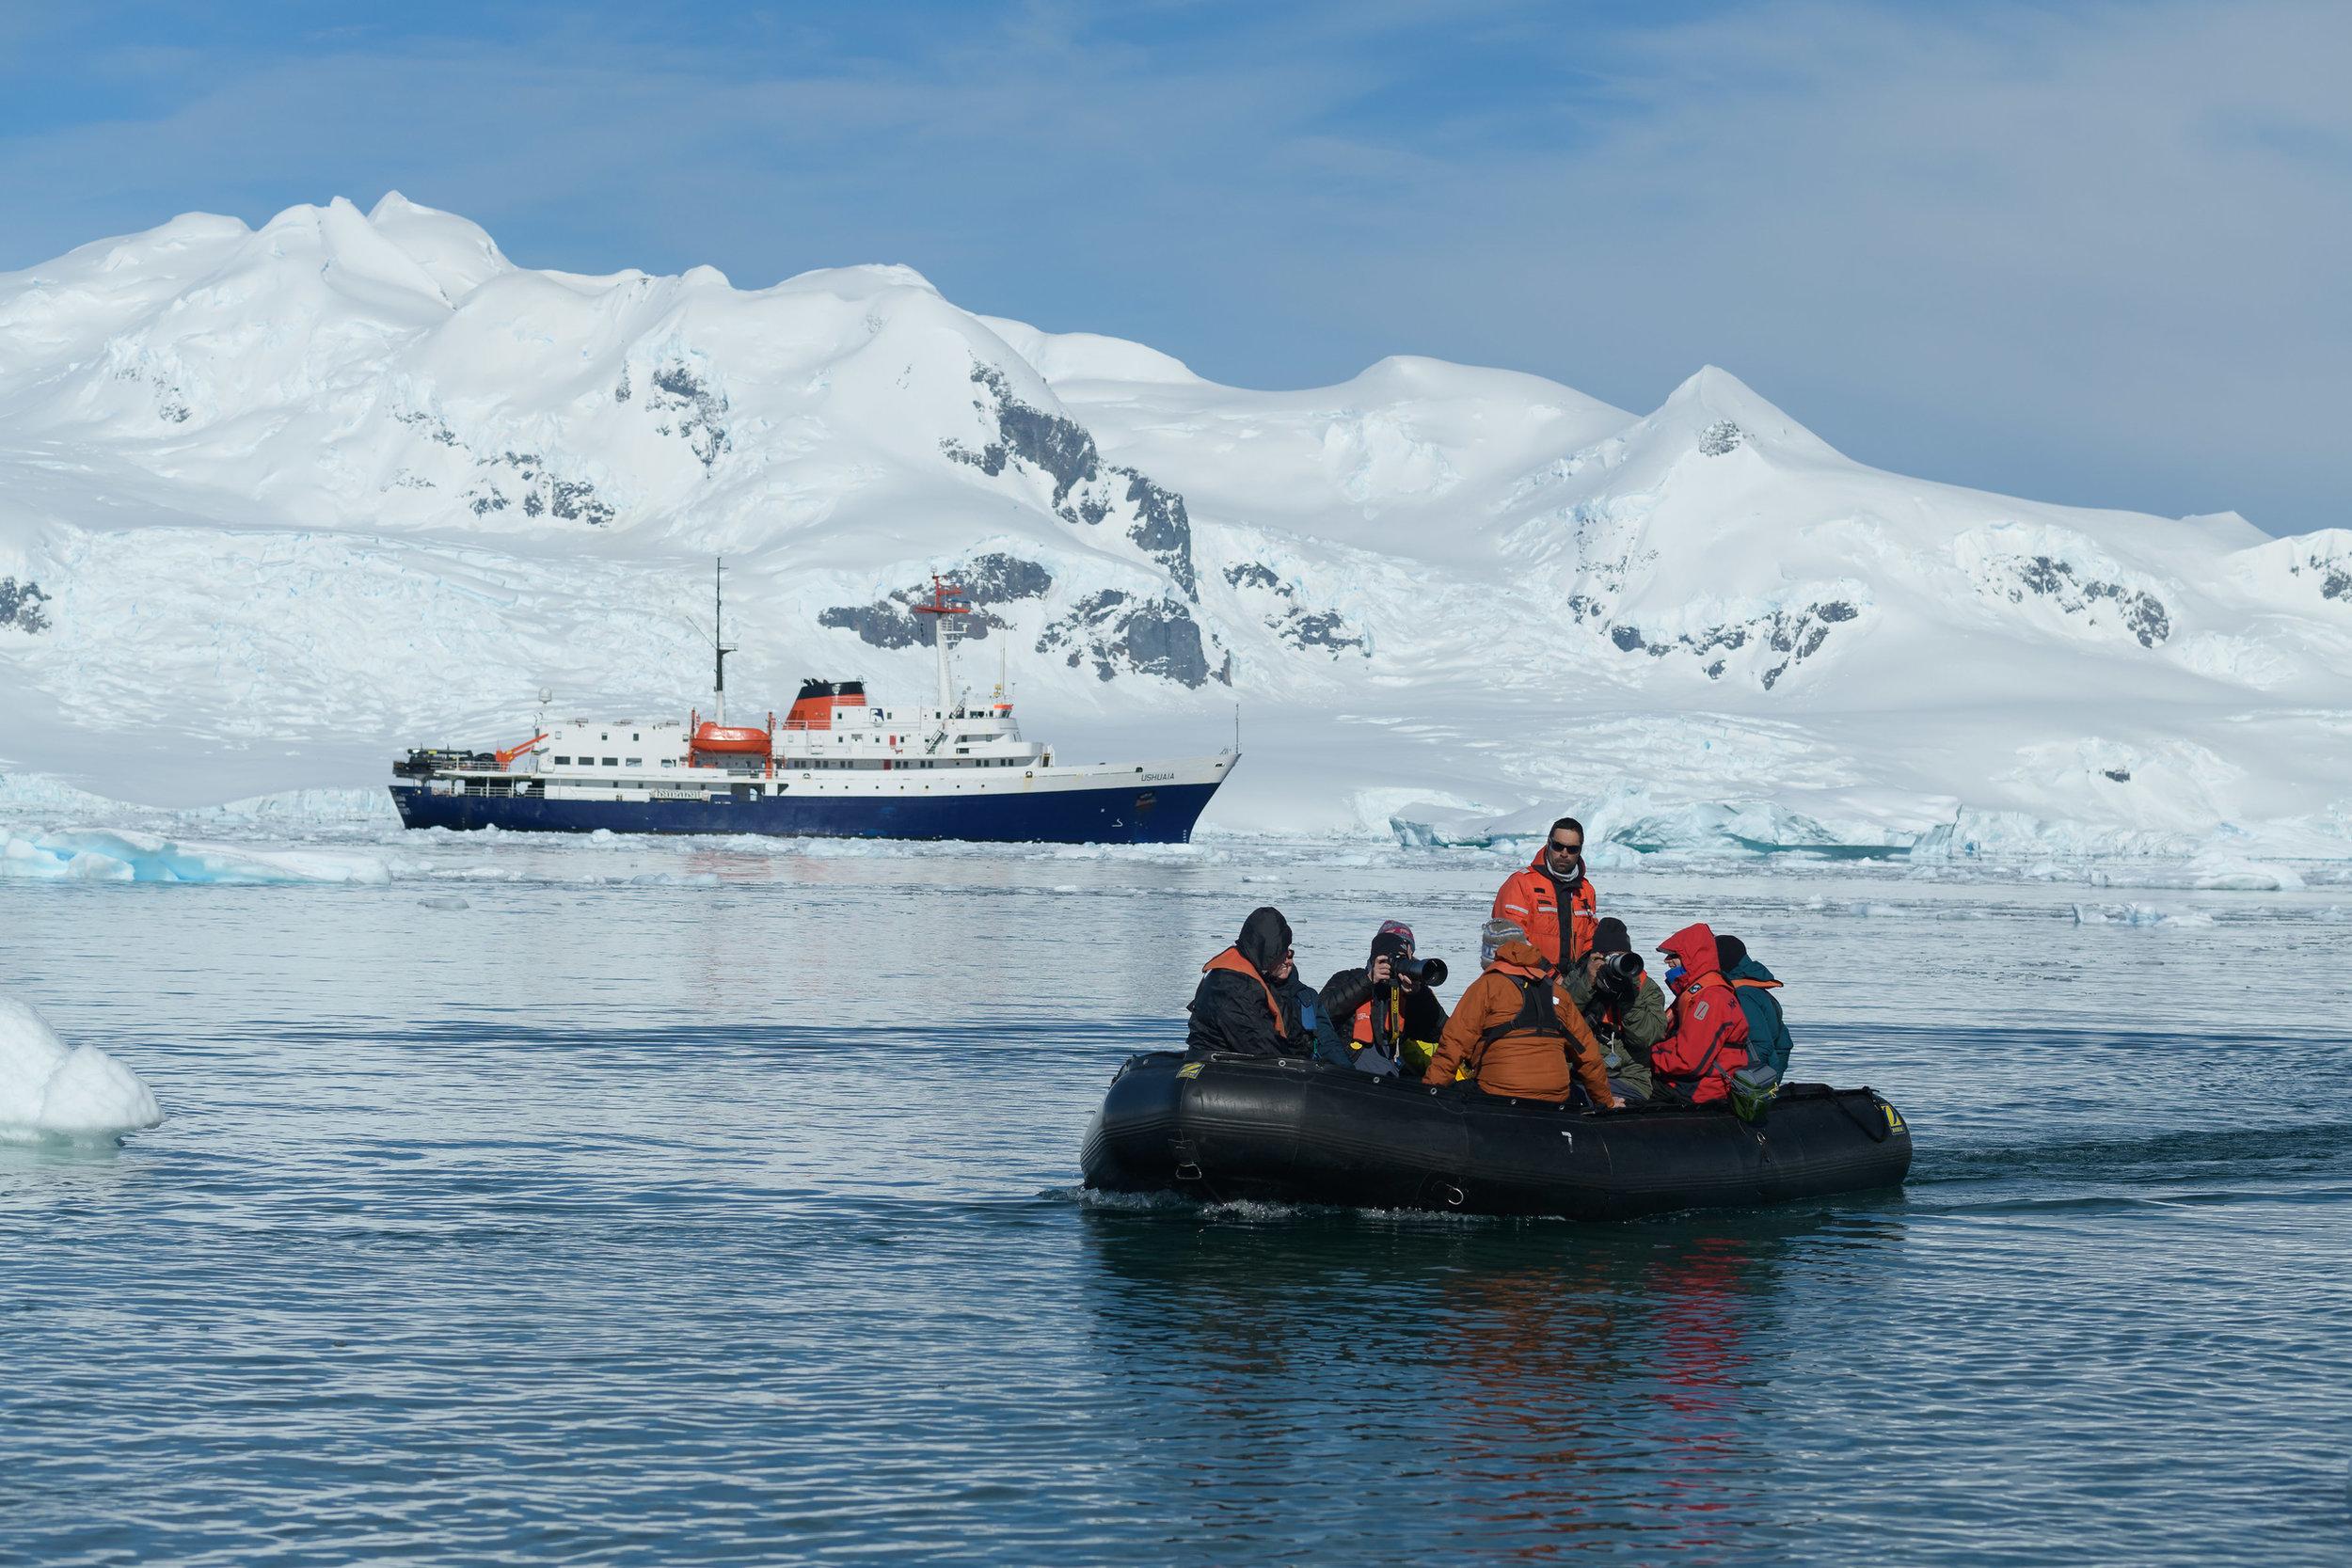 MM_Antarctica18-2778-X5.jpg